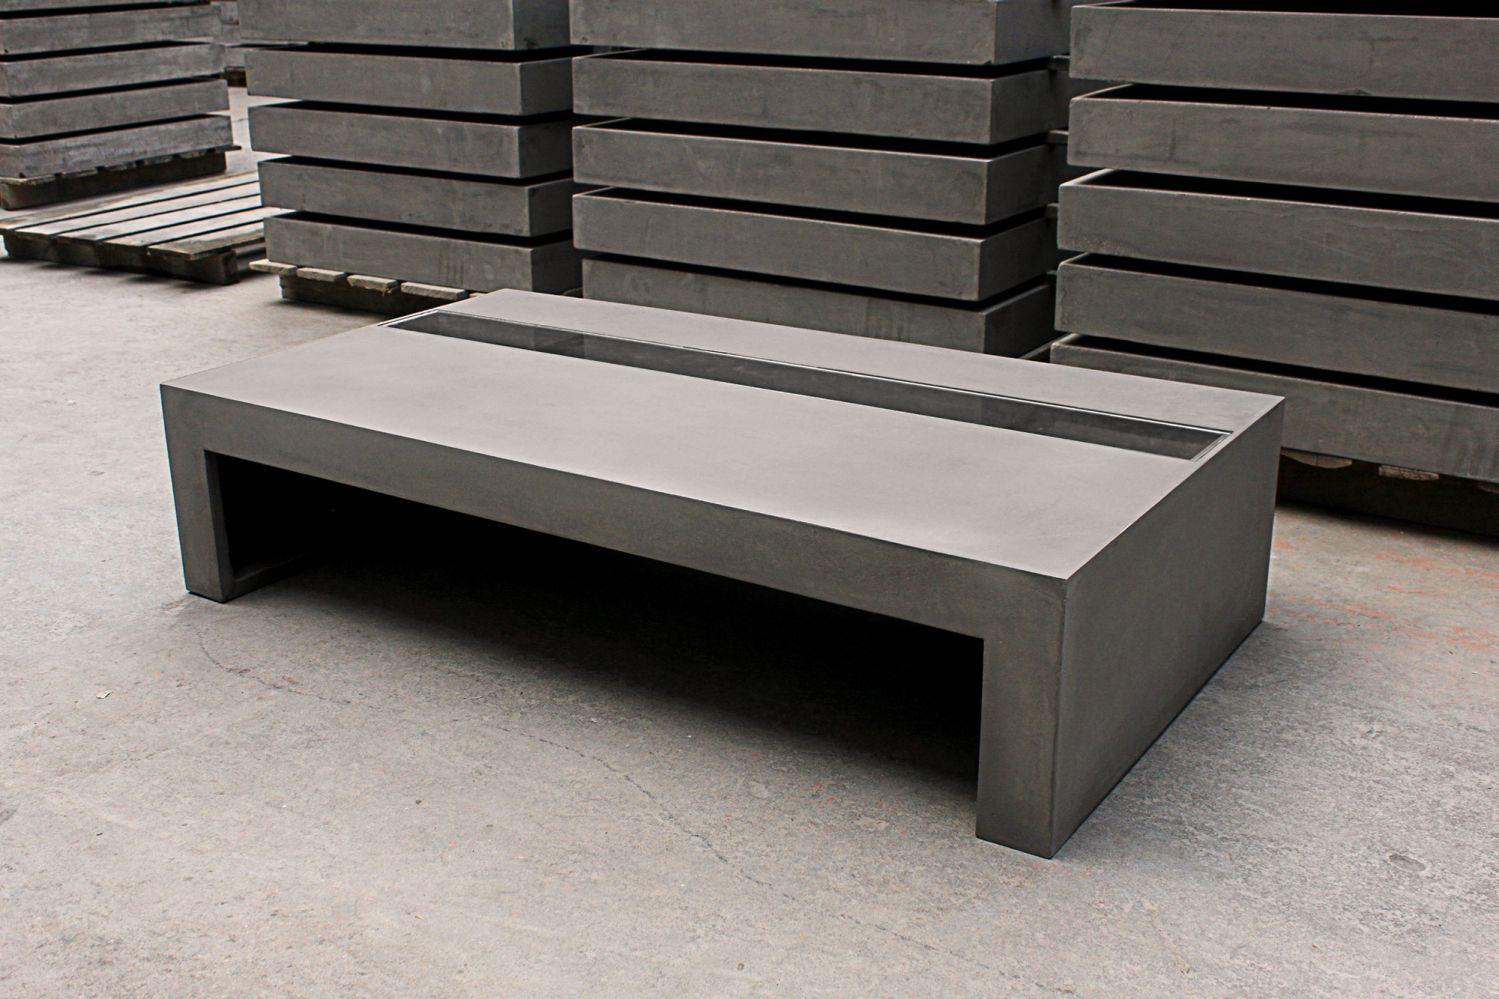 Meuble En Béton Ciré meuble de jardin en béton ciré très original - meuble et